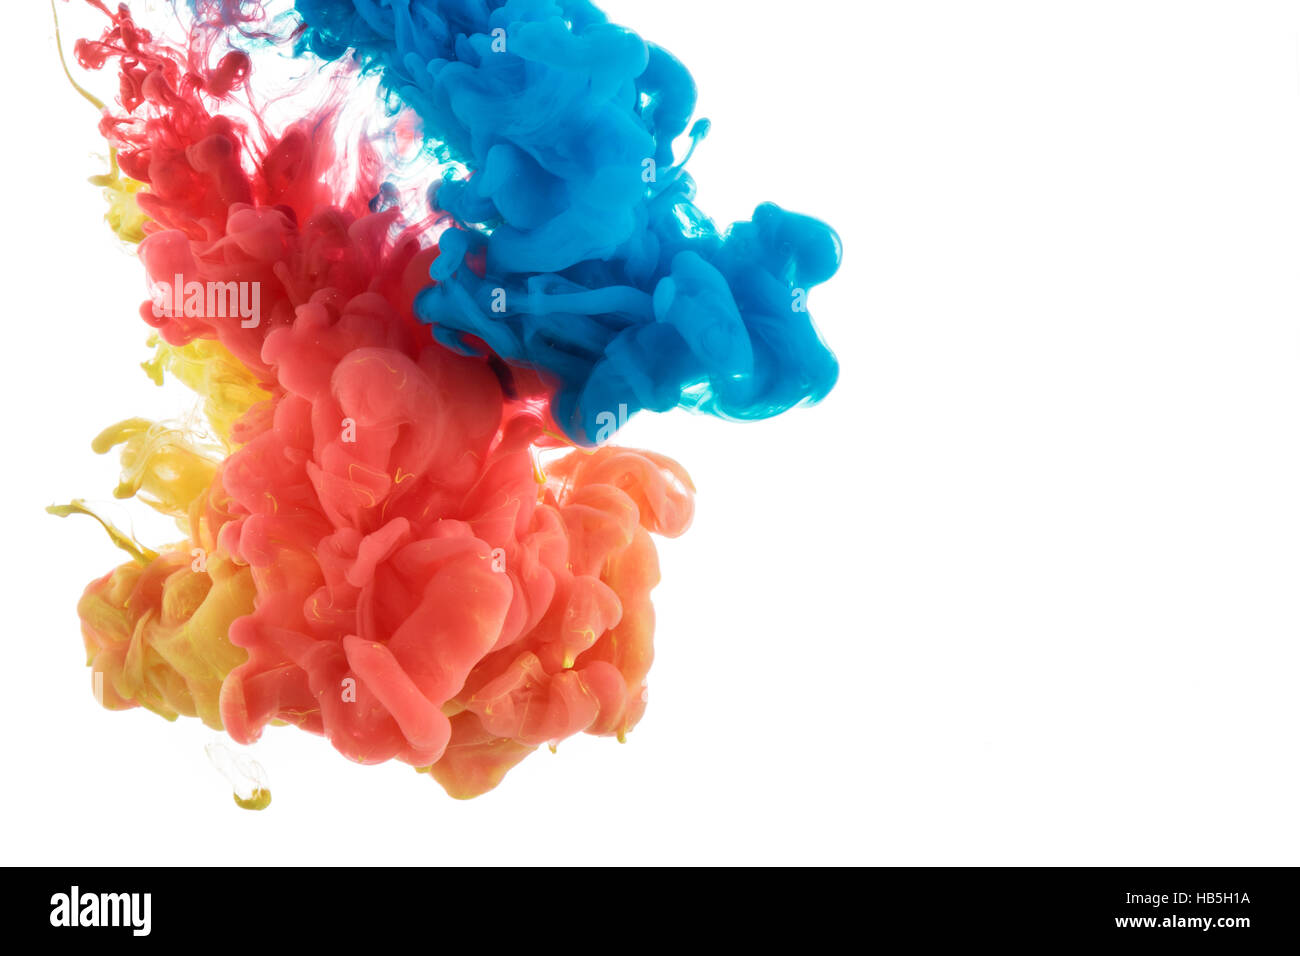 Couleur de l'eau dans la peinture abstraite Photo Stock